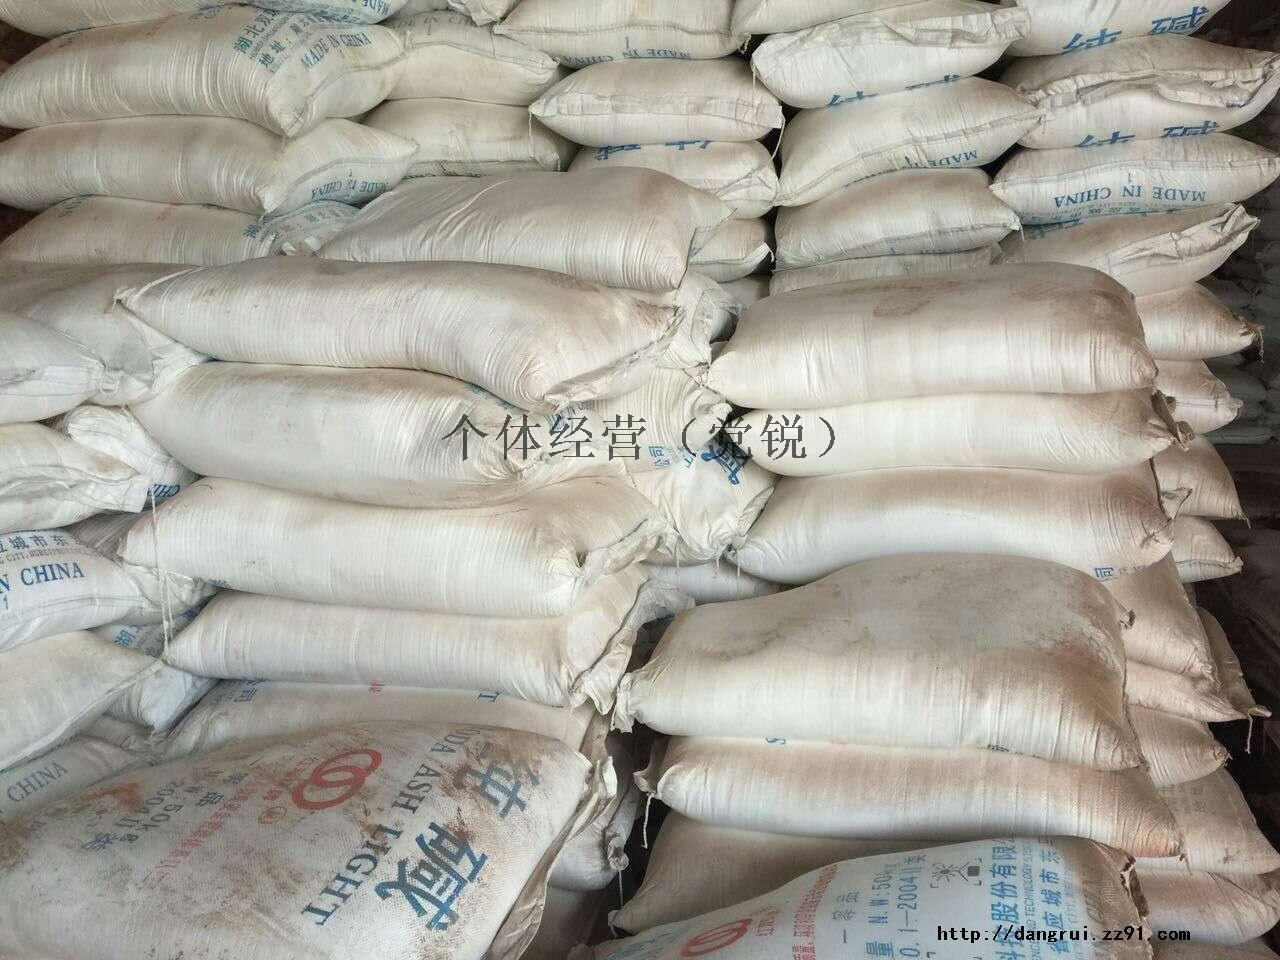 梧州有回收防老剂PZZ的价格多少(139-3107-4926)党经理